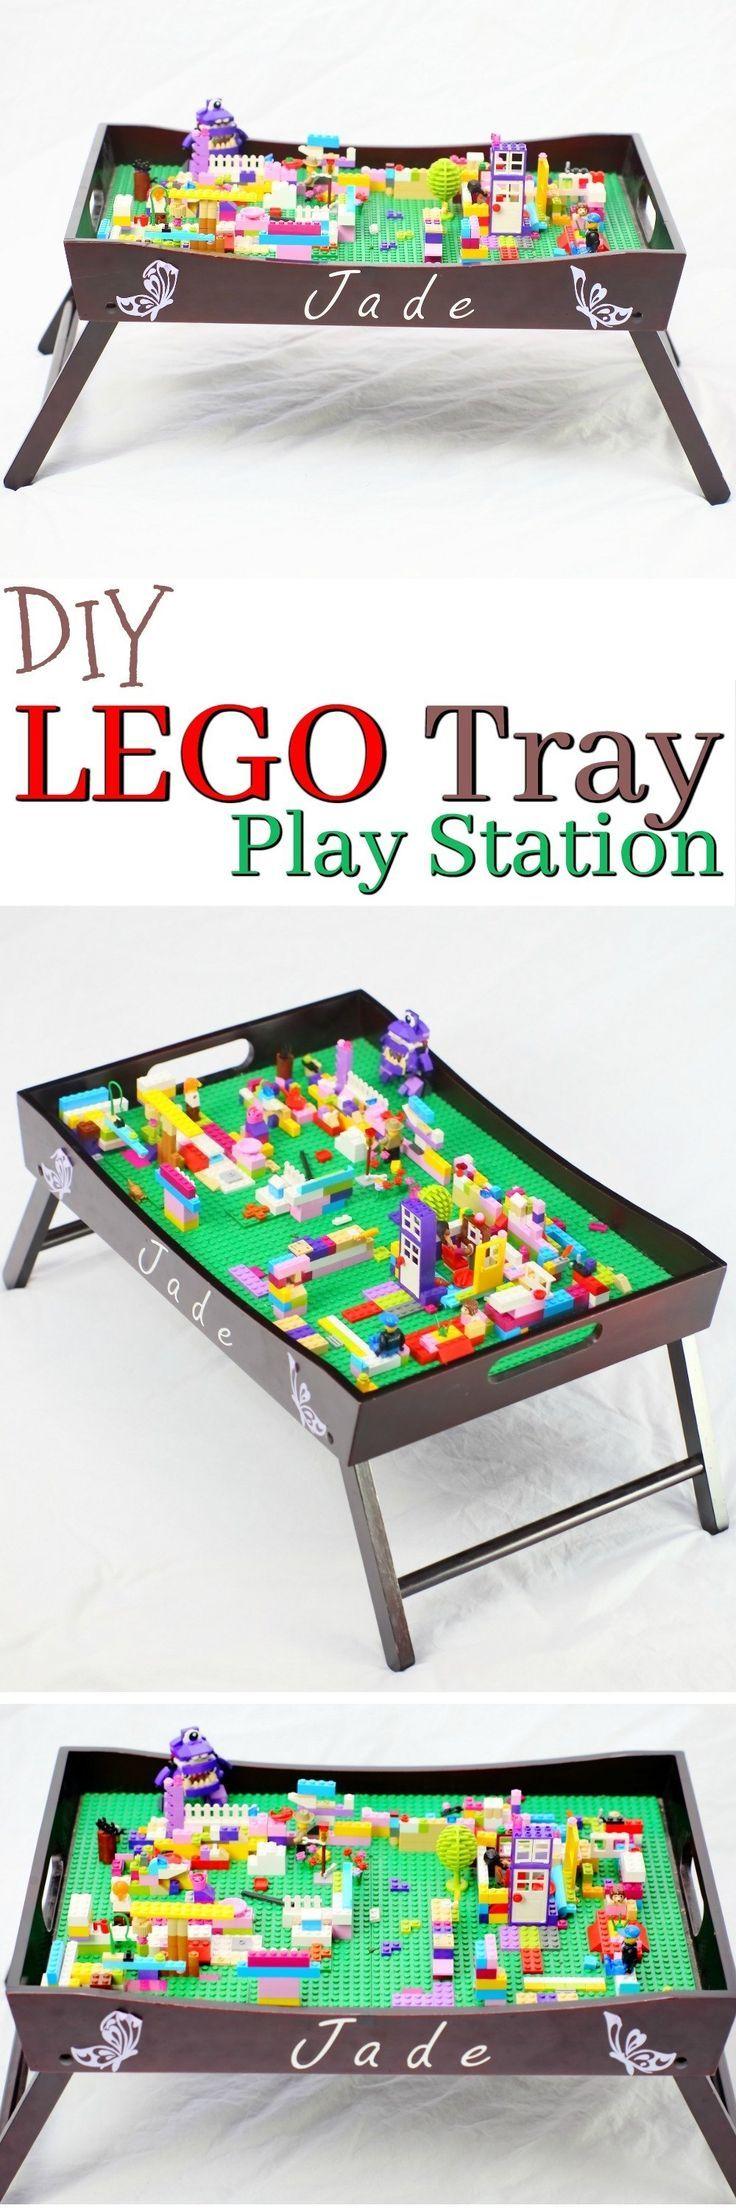 Diy lego coffee table - Easy Diy Lego Tray Play Station